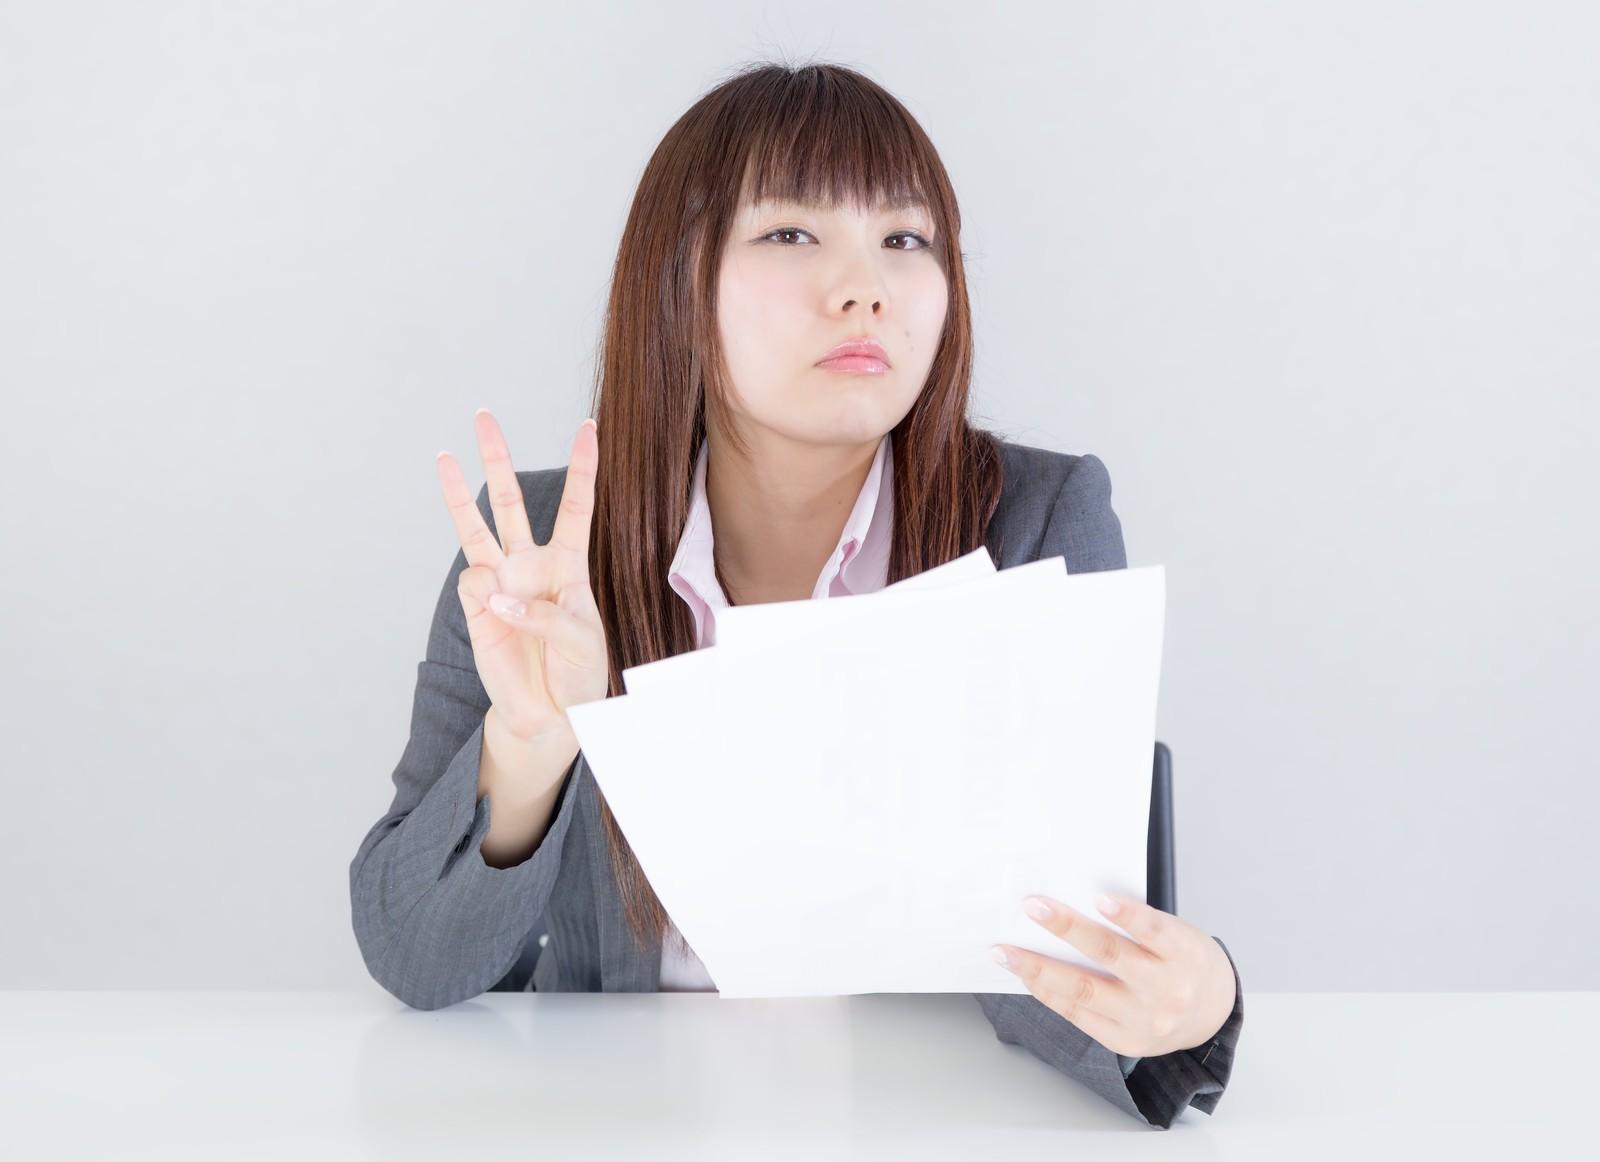 転職エージェントはどんなことをしてくれるのか?メリットを解説